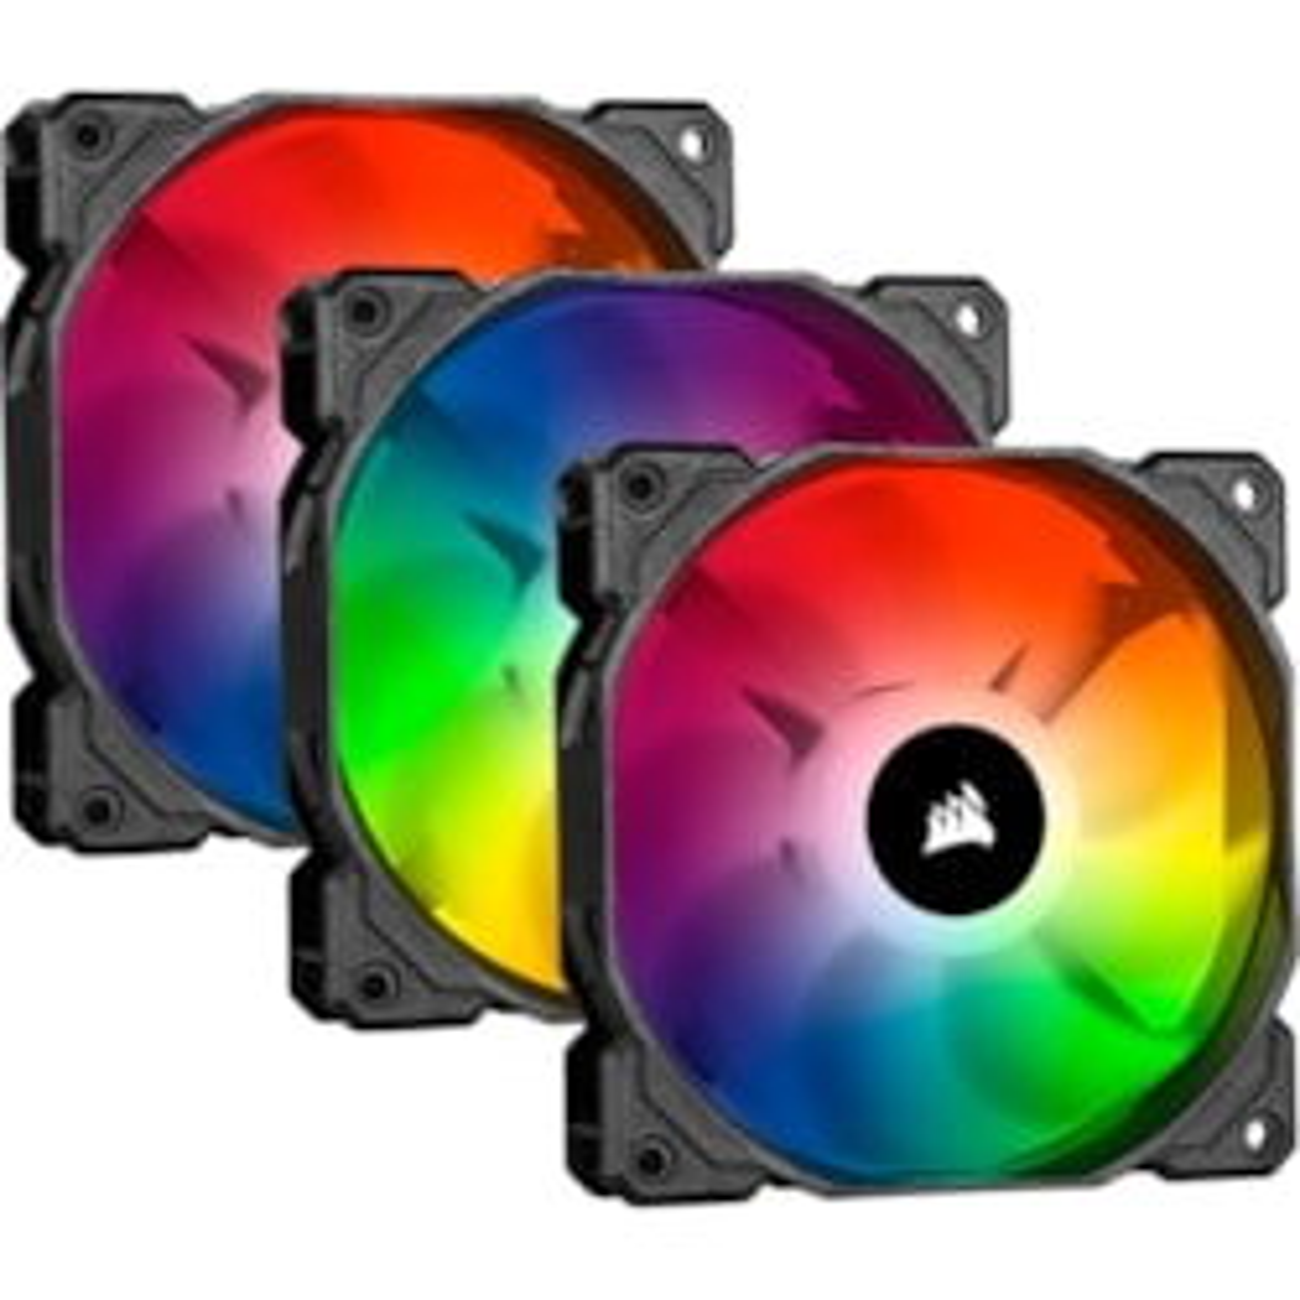 Corsair iCUE SP120 RGB PRO Cooling Fan